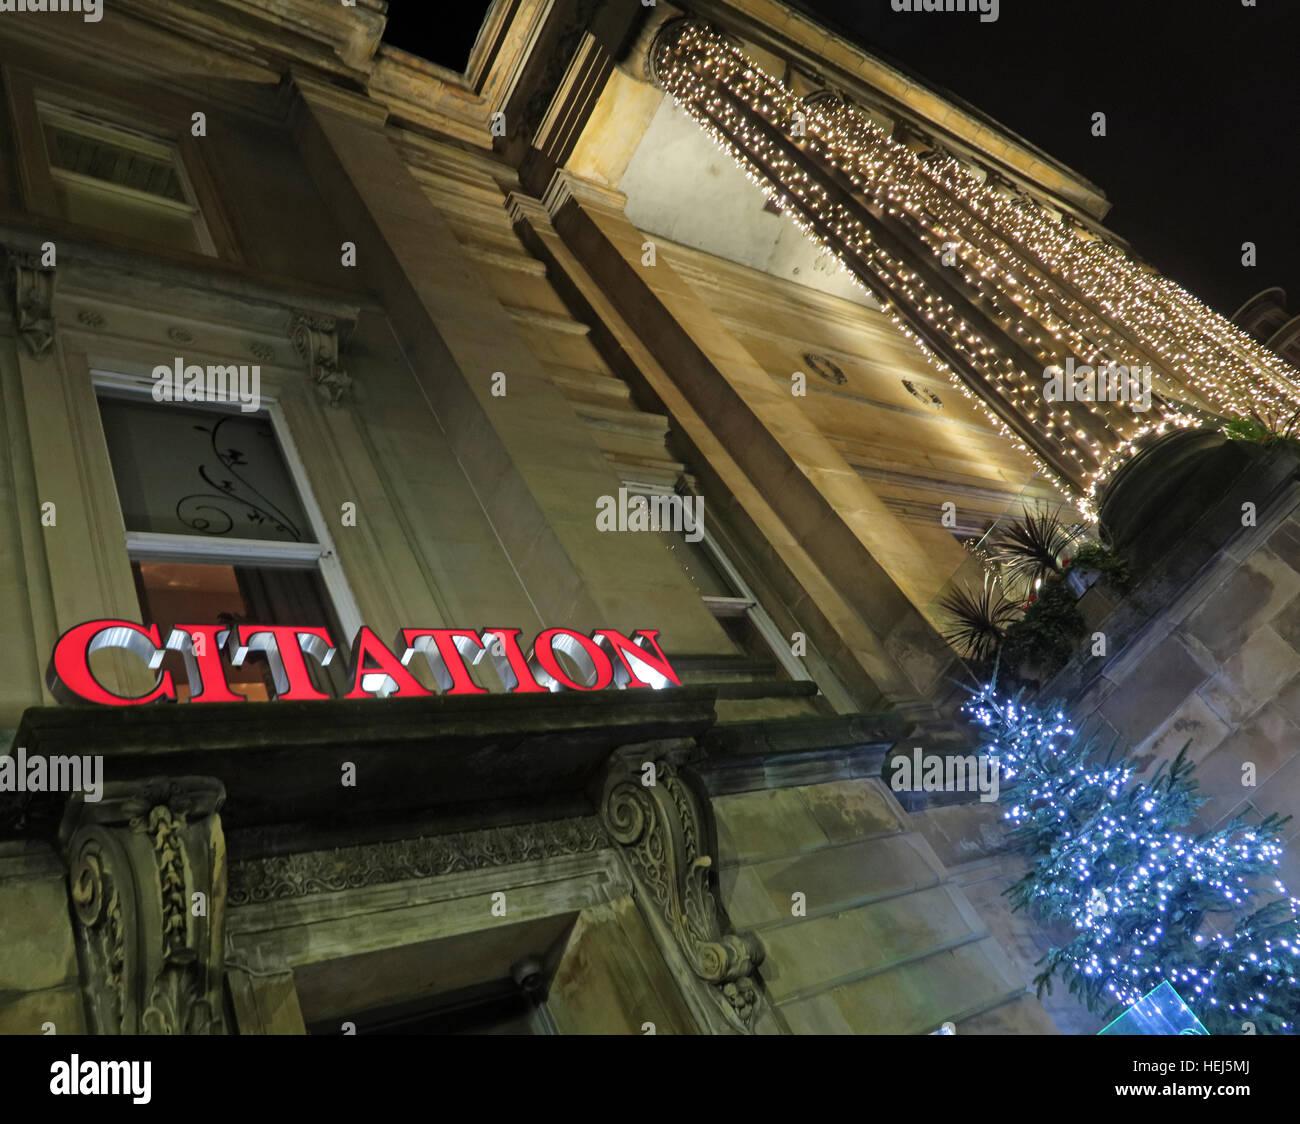 Laden Sie dieses Alamy Stockfoto Glasgow-Gebäude der Merchant City, Scotland, UK in der Nacht - The Citation Bars - HEJ5MJ